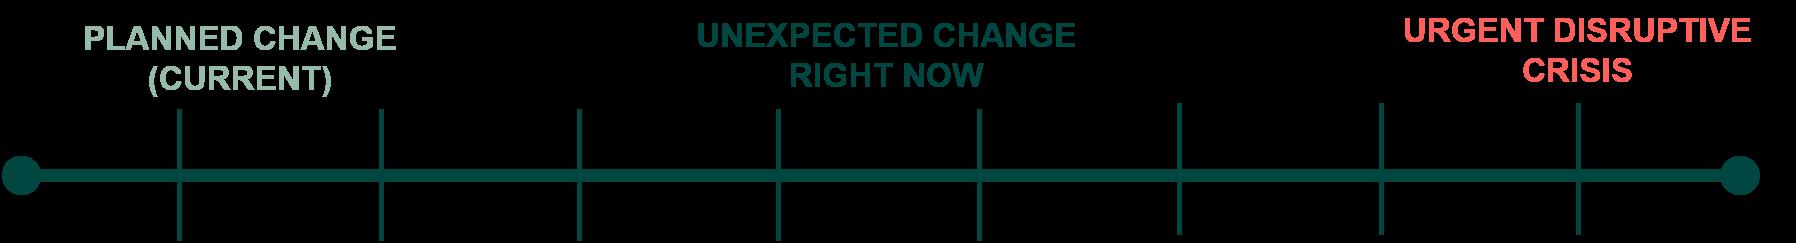 Inthrface - Model - Hvordan ser jeres komplekse forandring ud lige nu